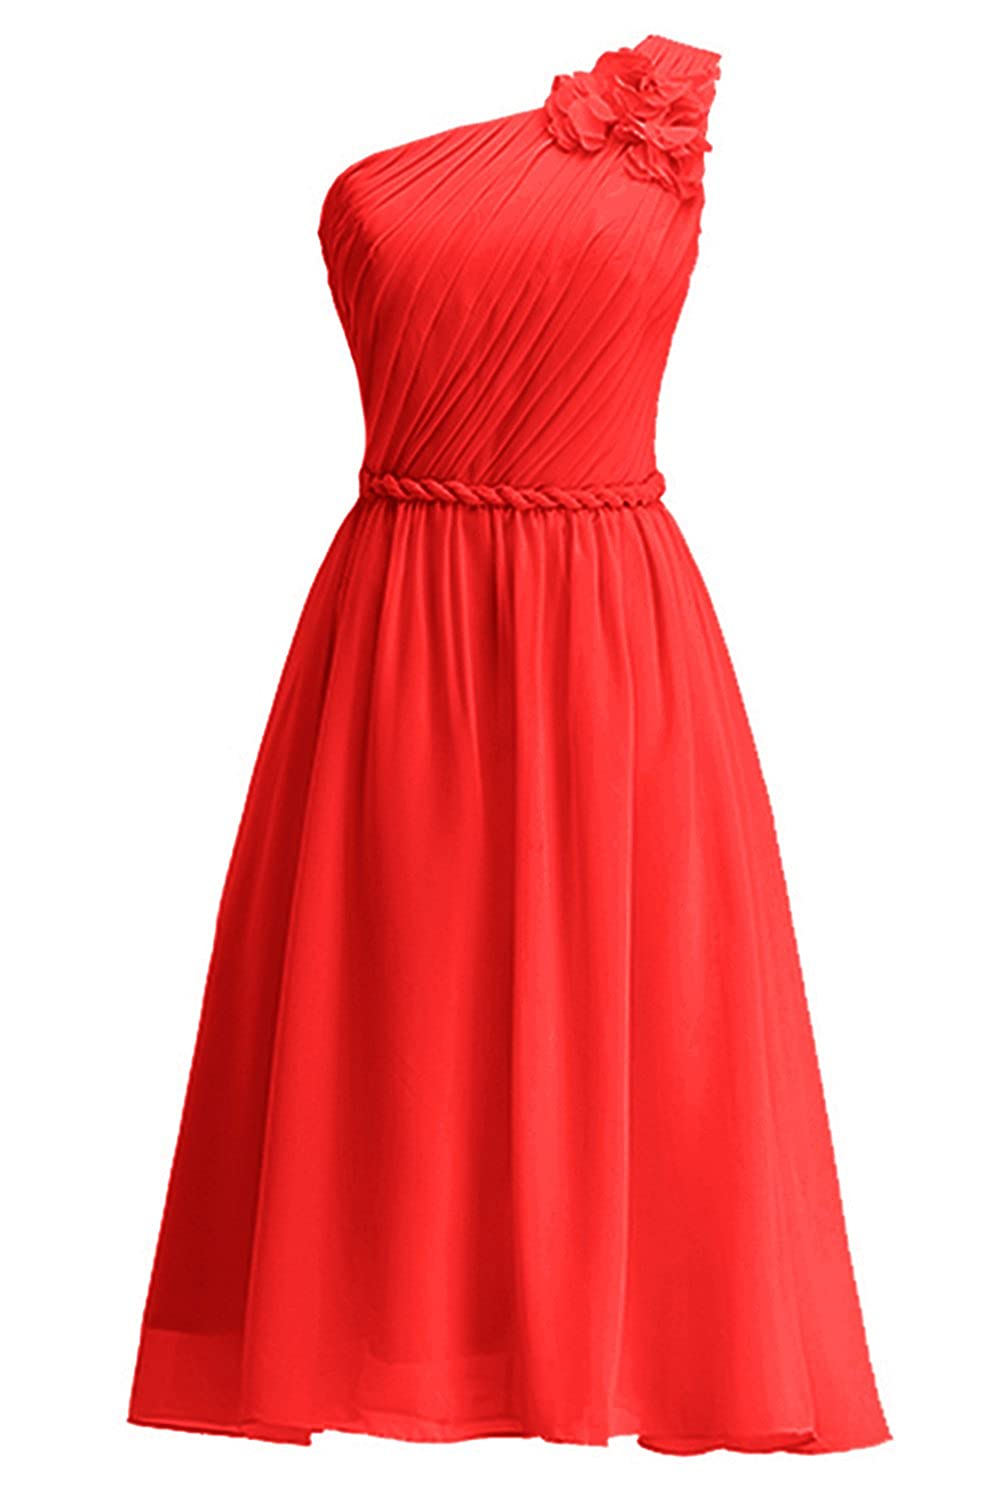 Rouge 42 femme KekeHouse® Une épaule Robe Courte de Cérémonie Soirée Demoiselle d'honneur Femme Fille d'été sans Manches